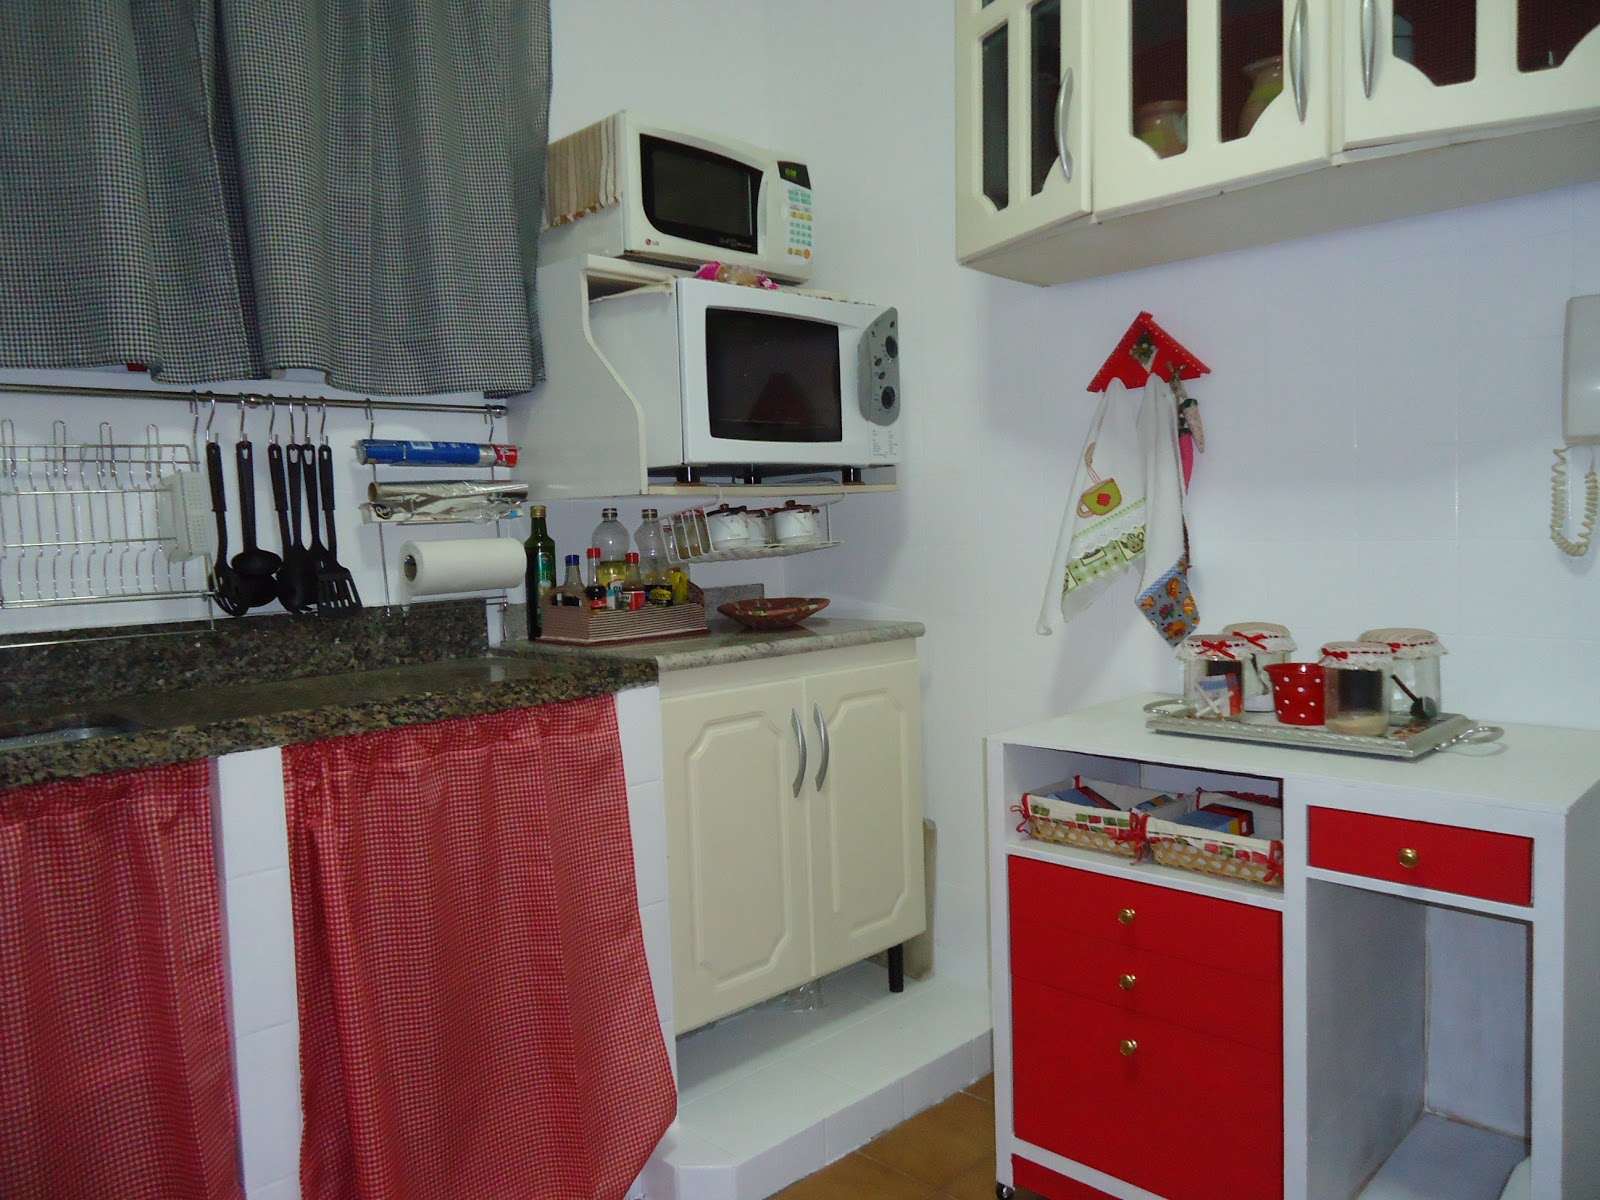 Arte em Tecido: Minha nova cozinha #7A2225 1600 1200